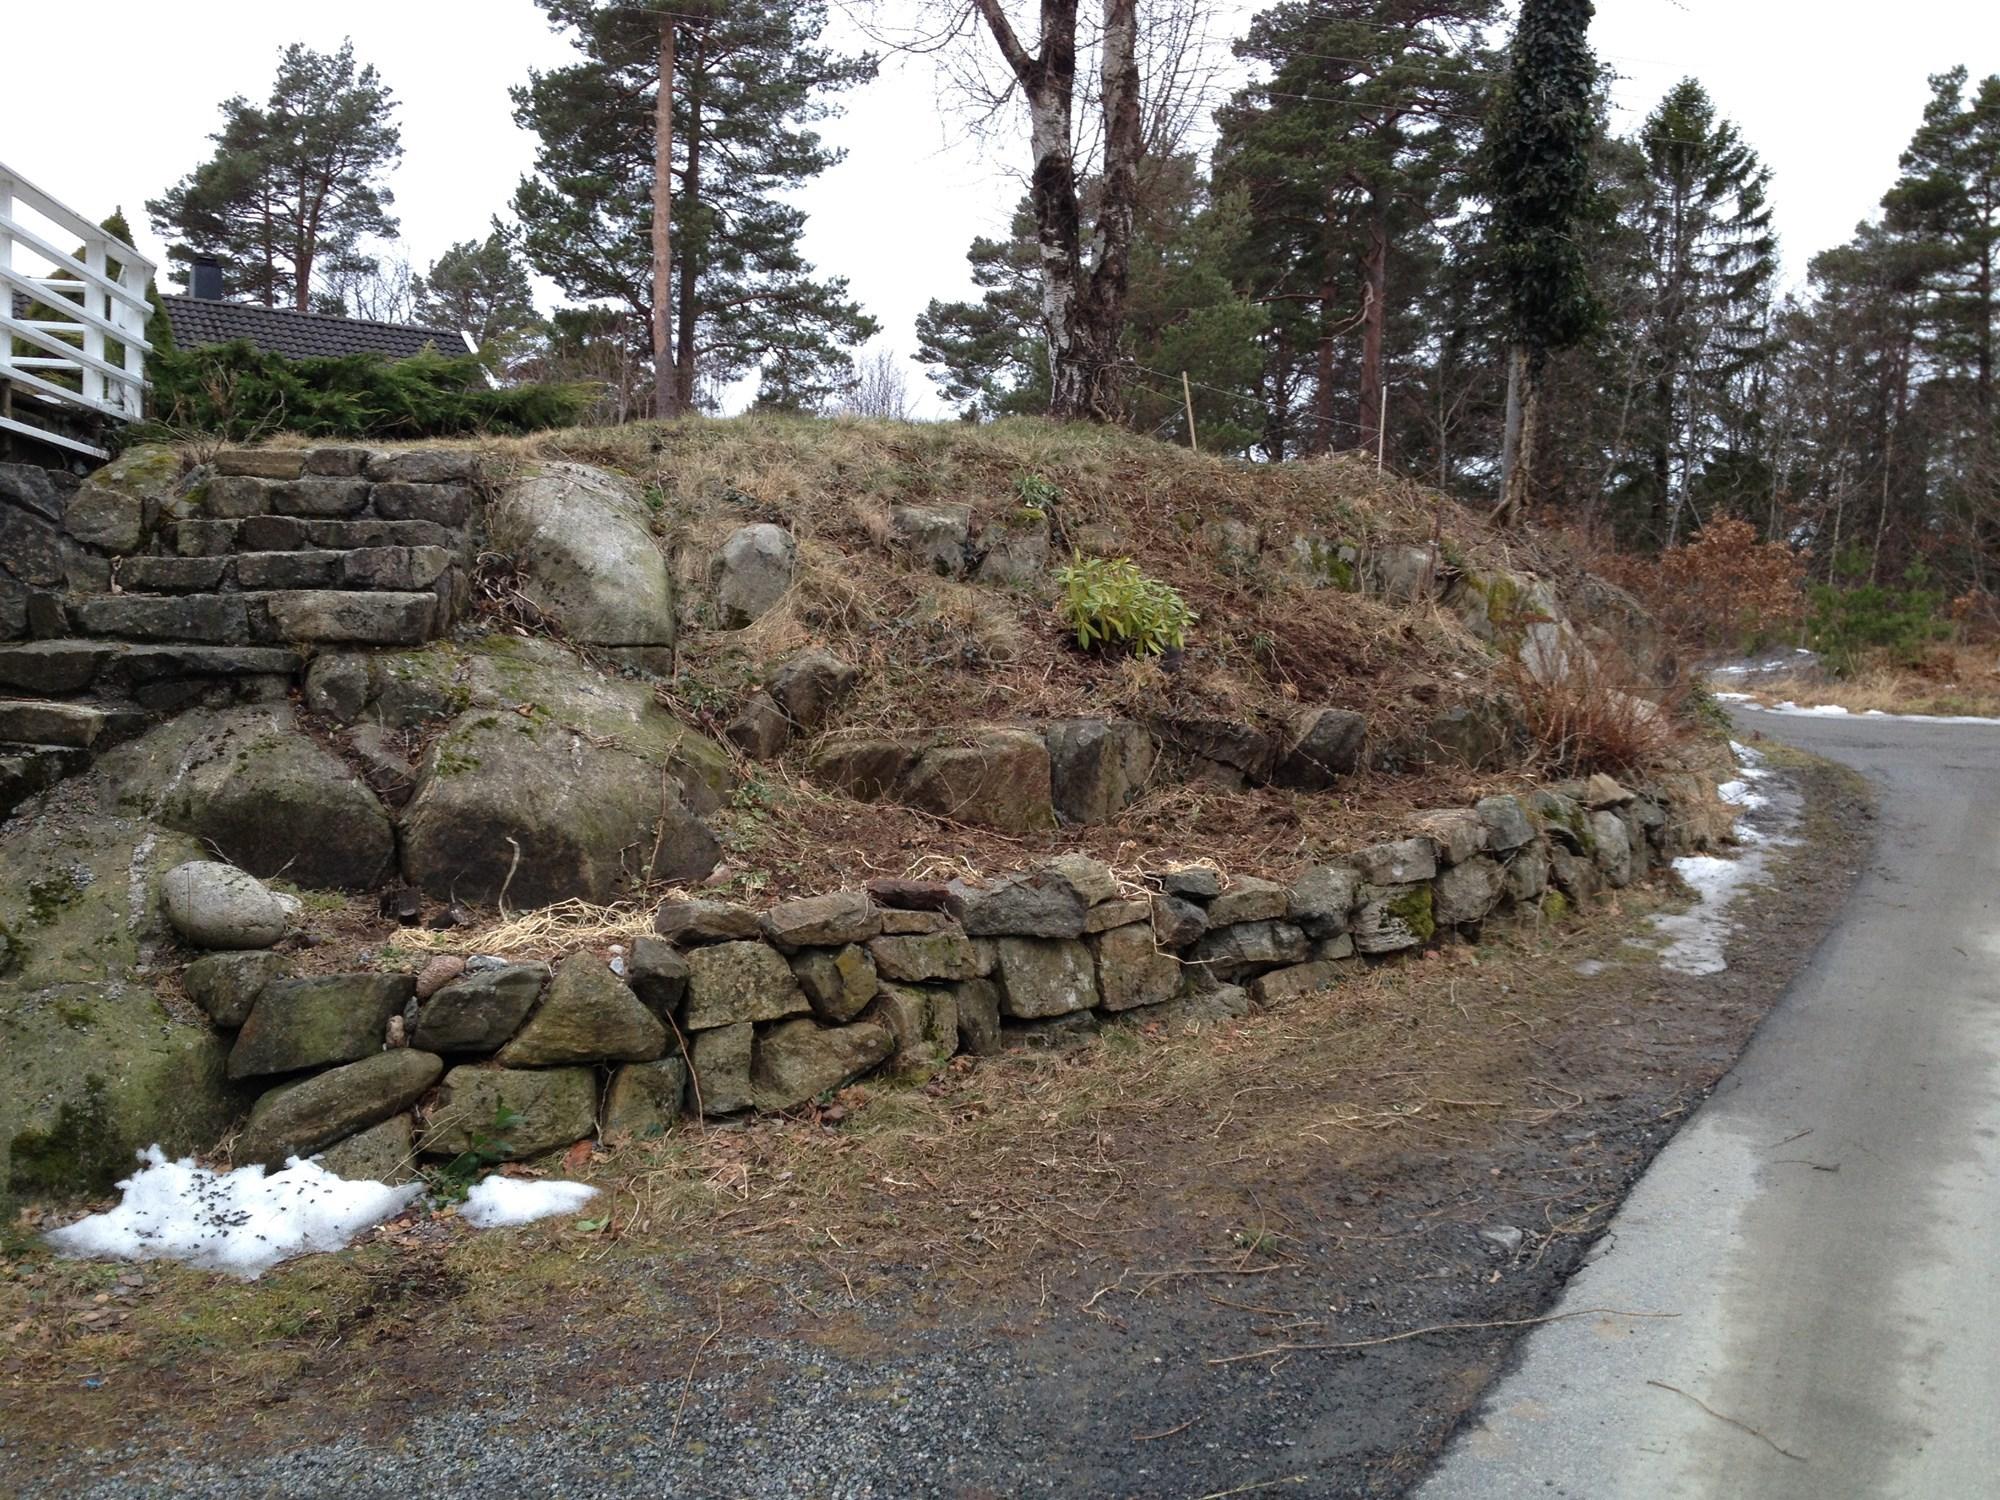 Lage vedlikeholdsfritt stenbed/skr?ning